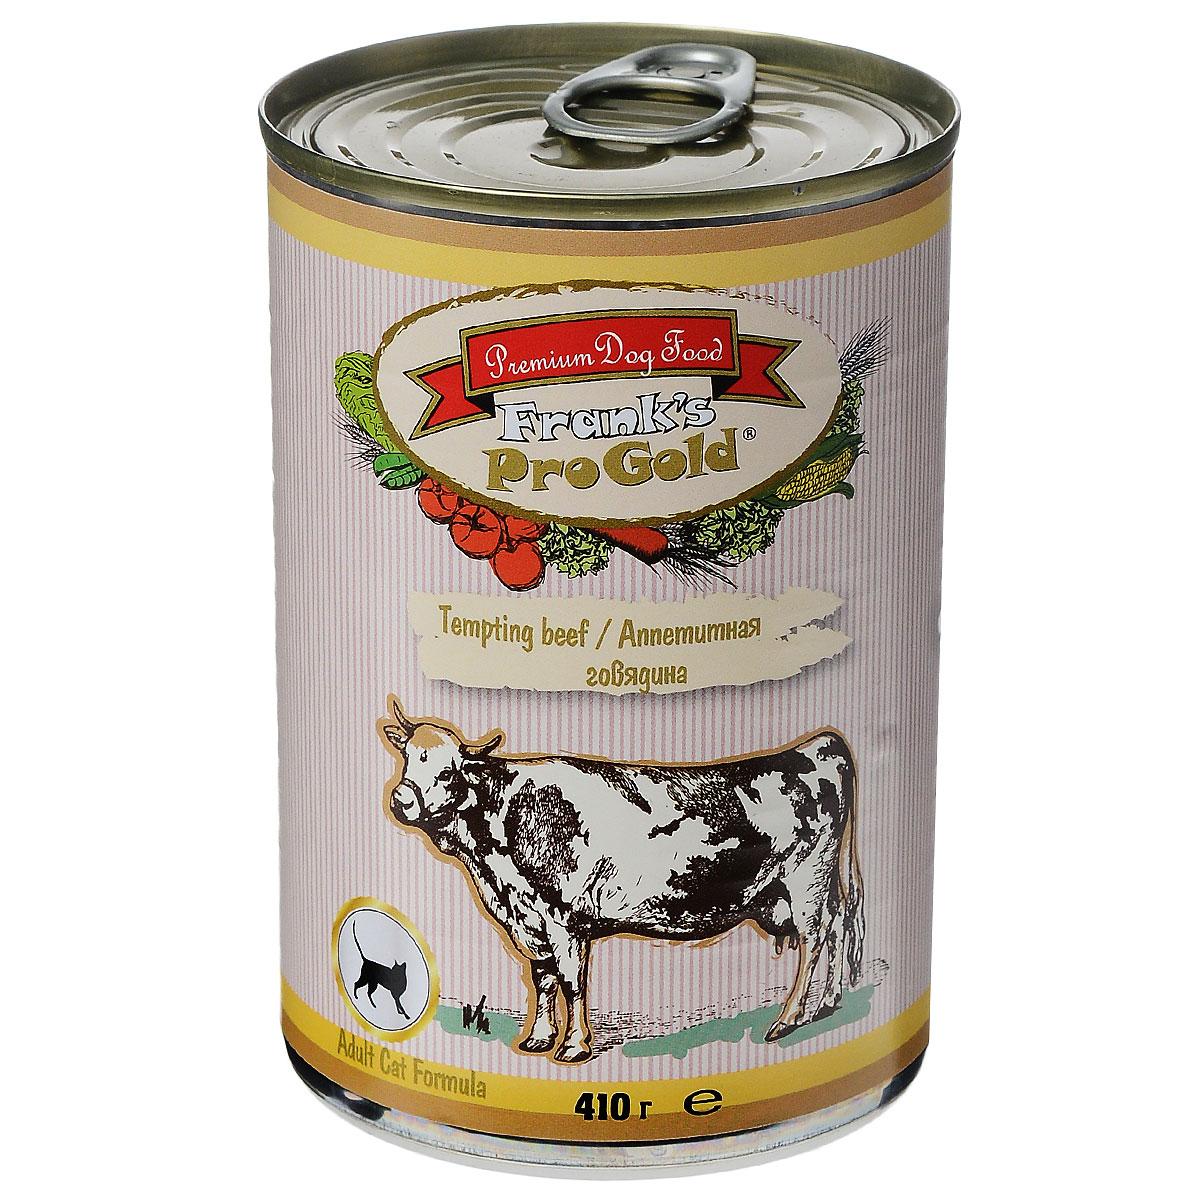 Консервы для кошек Franks ProGold, с говядиной, 410 г24713Консервы для кошек Franks ProGold - полнорационный продукт, содержащий все необходимые витамины и минералы, сбалансированный для поддержания оптимального здоровья вашего питомца! Ваш любимец, безусловно, оценит нежнейшие кусочки мяса в желе! Произведенные из натуральных ингредиентов, консервы Franks Pro Gold не содержат ГМО, сою, искусственных красителей, консервантов и усилителей вкуса. Состав: мясо курицы, говядина, мясо и его производные, злаки, витамины и минералы. Пищевая ценность: влажность 81%,белки 6,5%, жиры 4,5%, зола 2%, клетчатка 0,5%. Добавки: витамин A 1600 IU, витамин D 140 IU, витамин E 10 IU, таурин 300 мг/кг, железо E1 24 мг/кг, марганец E5 6 мг/кг, цинк E6 15 мг/кг, йодин E2 0,3 мг/кг. Калорийность: 393,6 ккал. Товар сертифицирован.